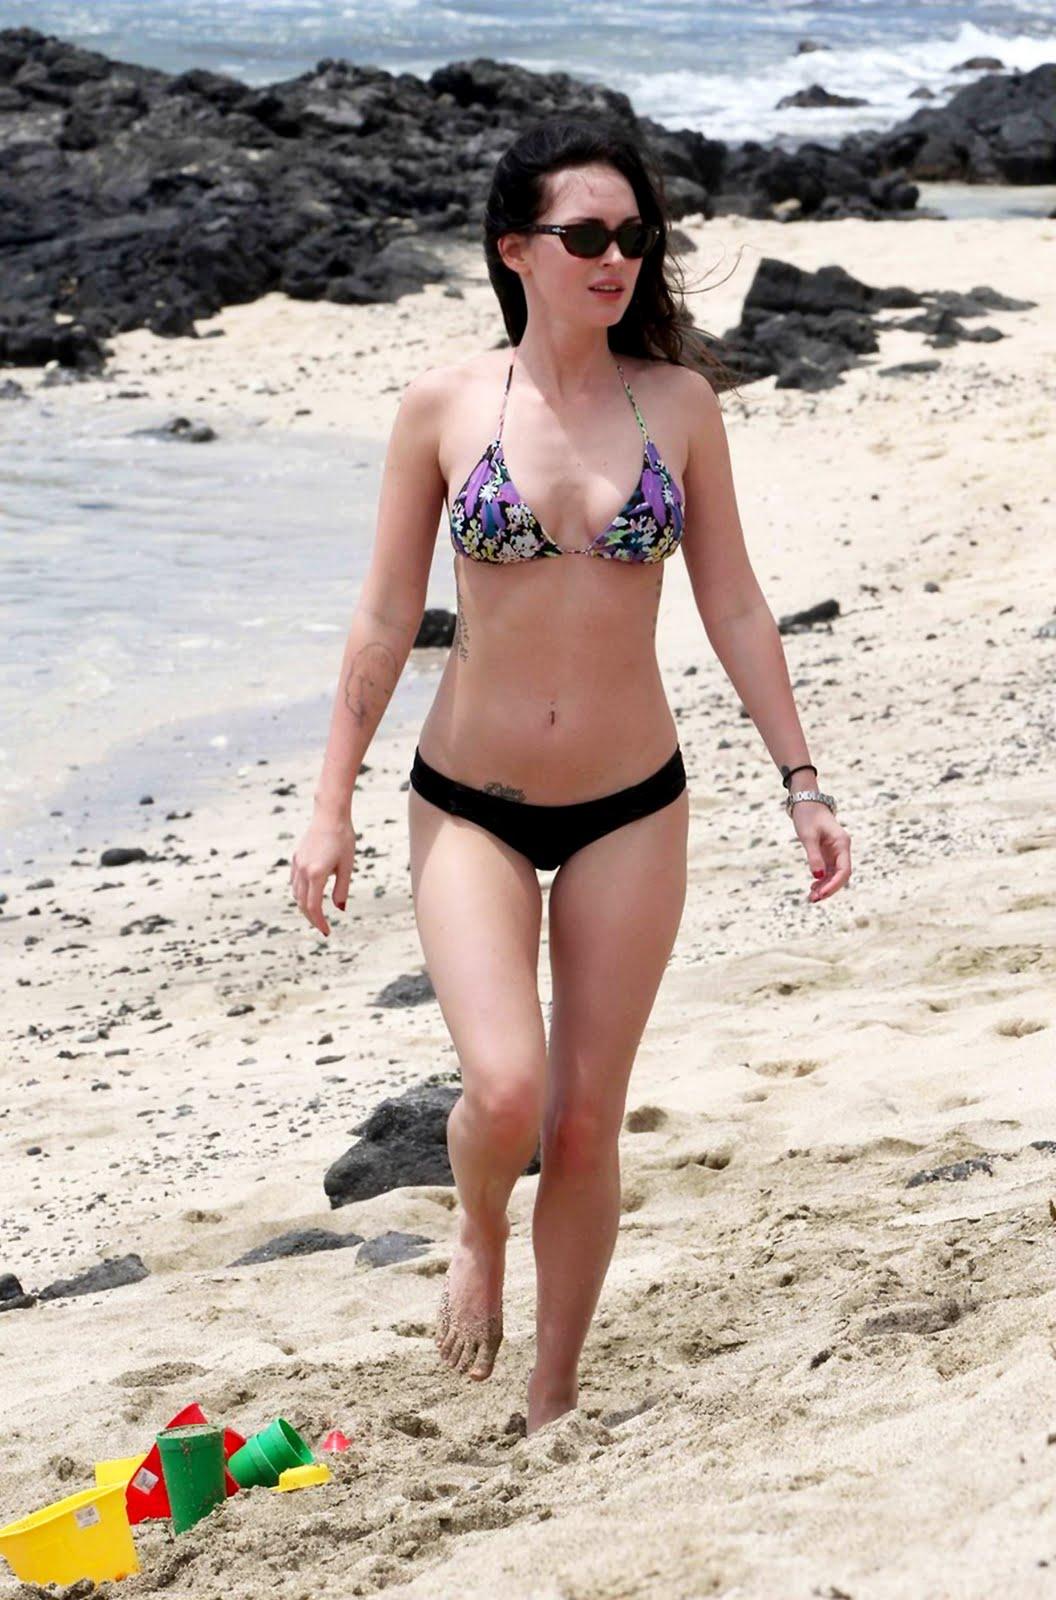 http://4.bp.blogspot.com/-V1EMEPcSY_Q/TjwYqaSTYRI/AAAAAAAAAkc/DCfR-7Bc0lI/s1600/megan-fox-bikini-babe-on-a-hawaii-beach-2011-hq-14.jpg